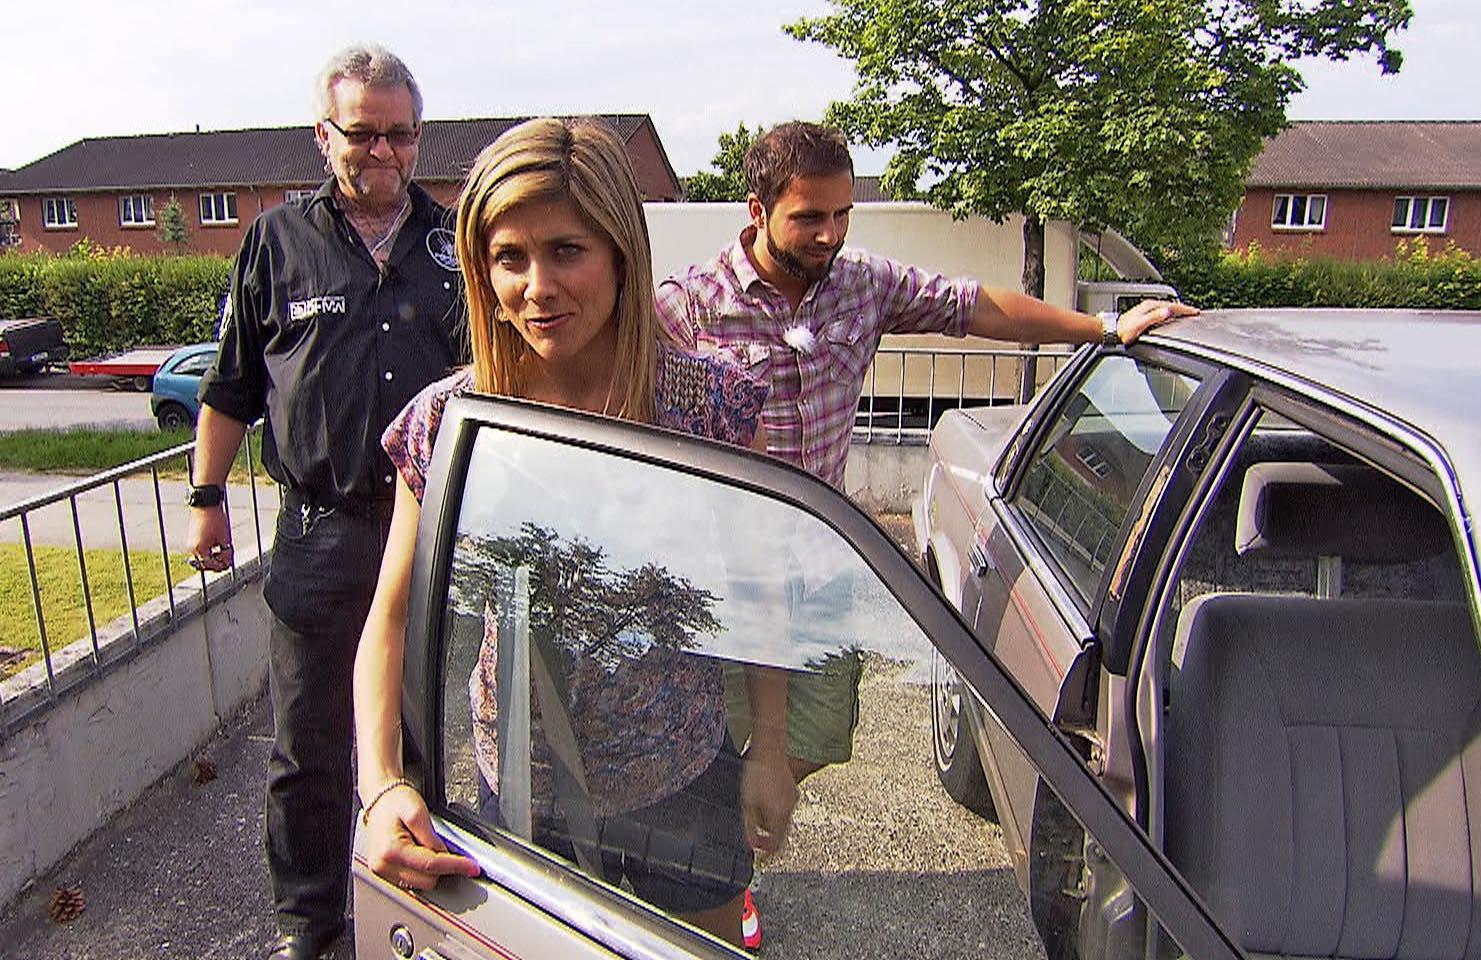 """""""biete Rostlaube, suche Traumauto"""": Gerald sucht einen Leichenwagen - TV News"""